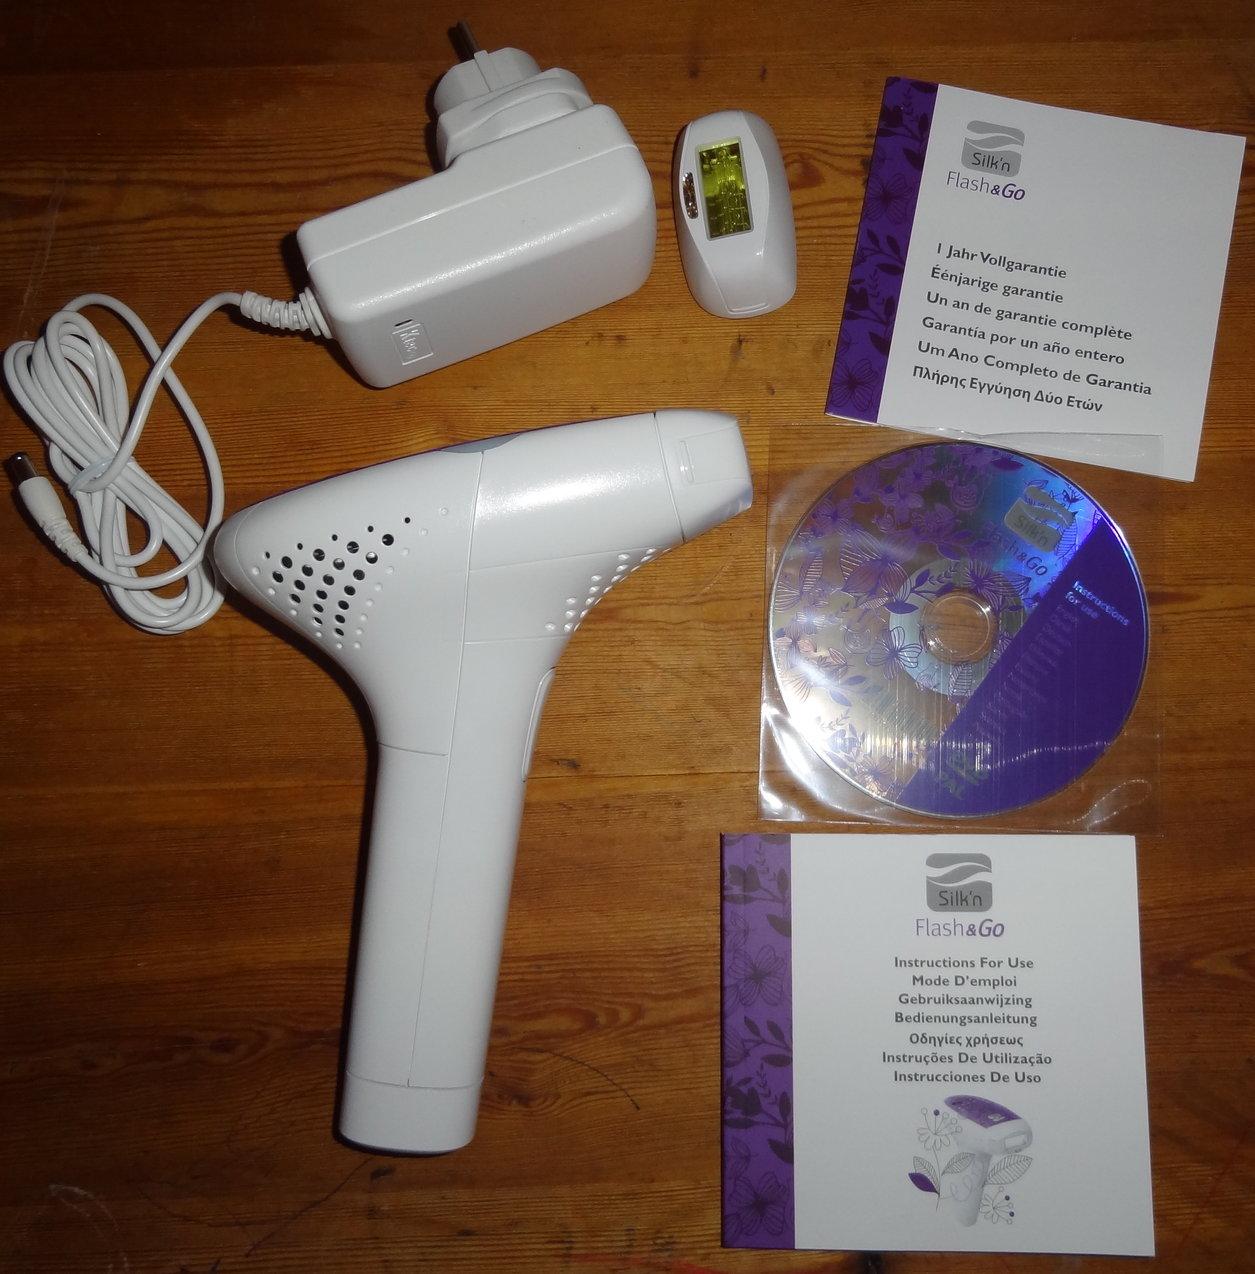 hårborttagning laser för hemmabruk